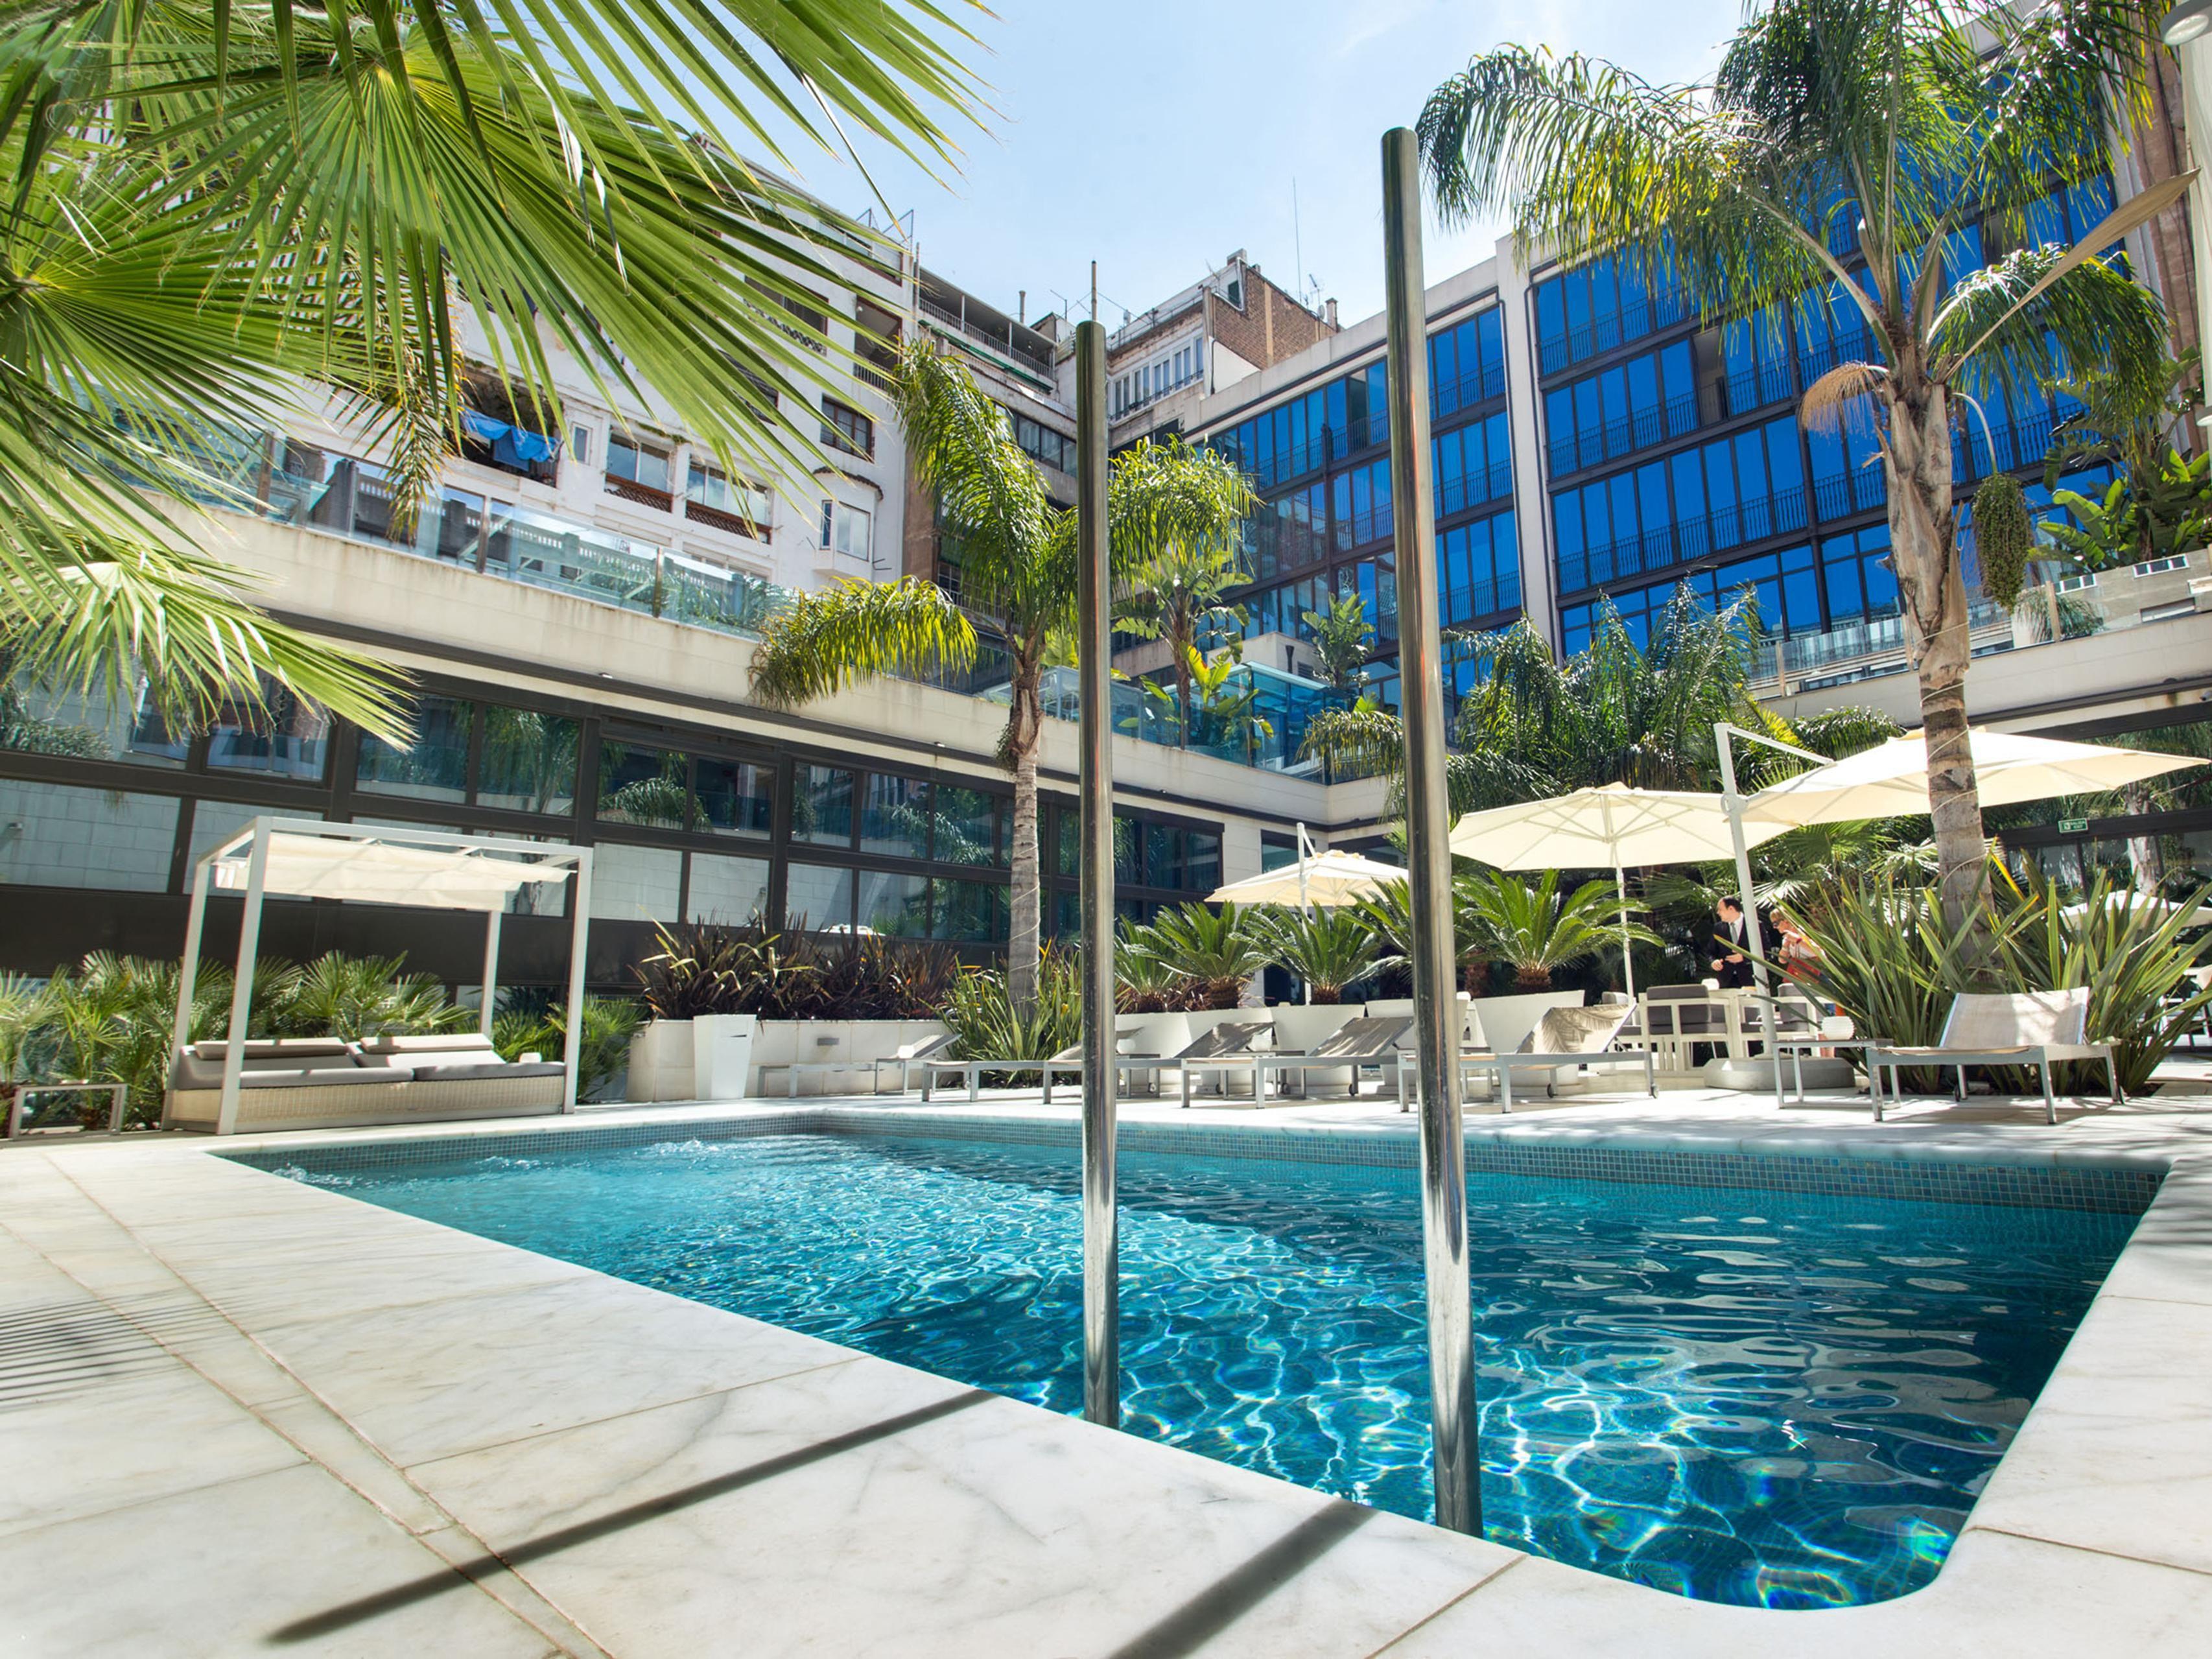 Find Sant Cugat Del Valles Hotels | Top 6 Hotels In Sant Cugat Del Valles,  Spain By IHG